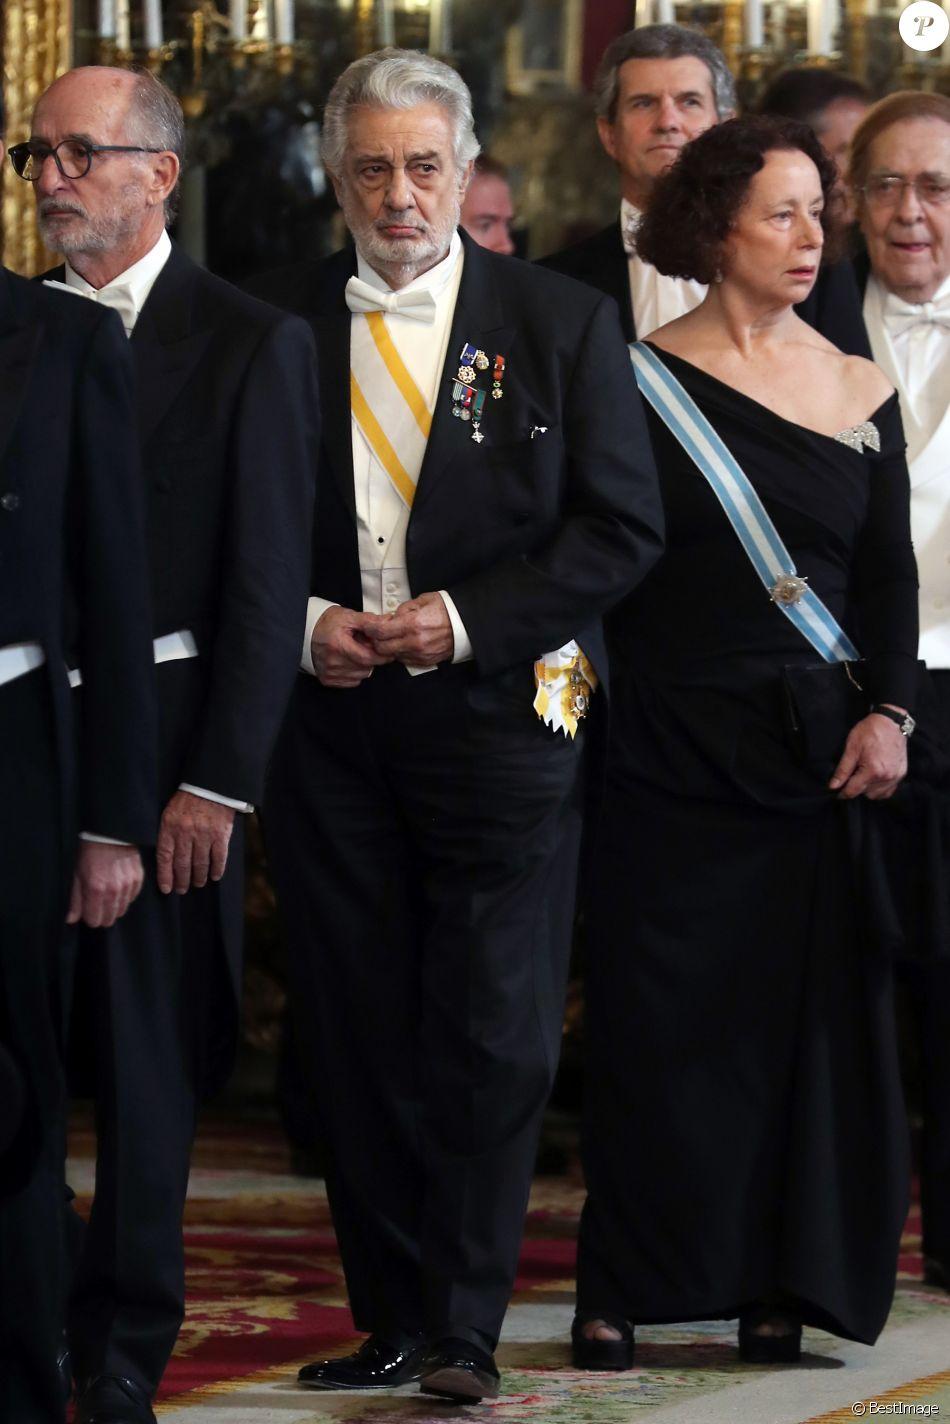 Placido Domingo Le Couple Royal Despagne Lors Du Dîner De